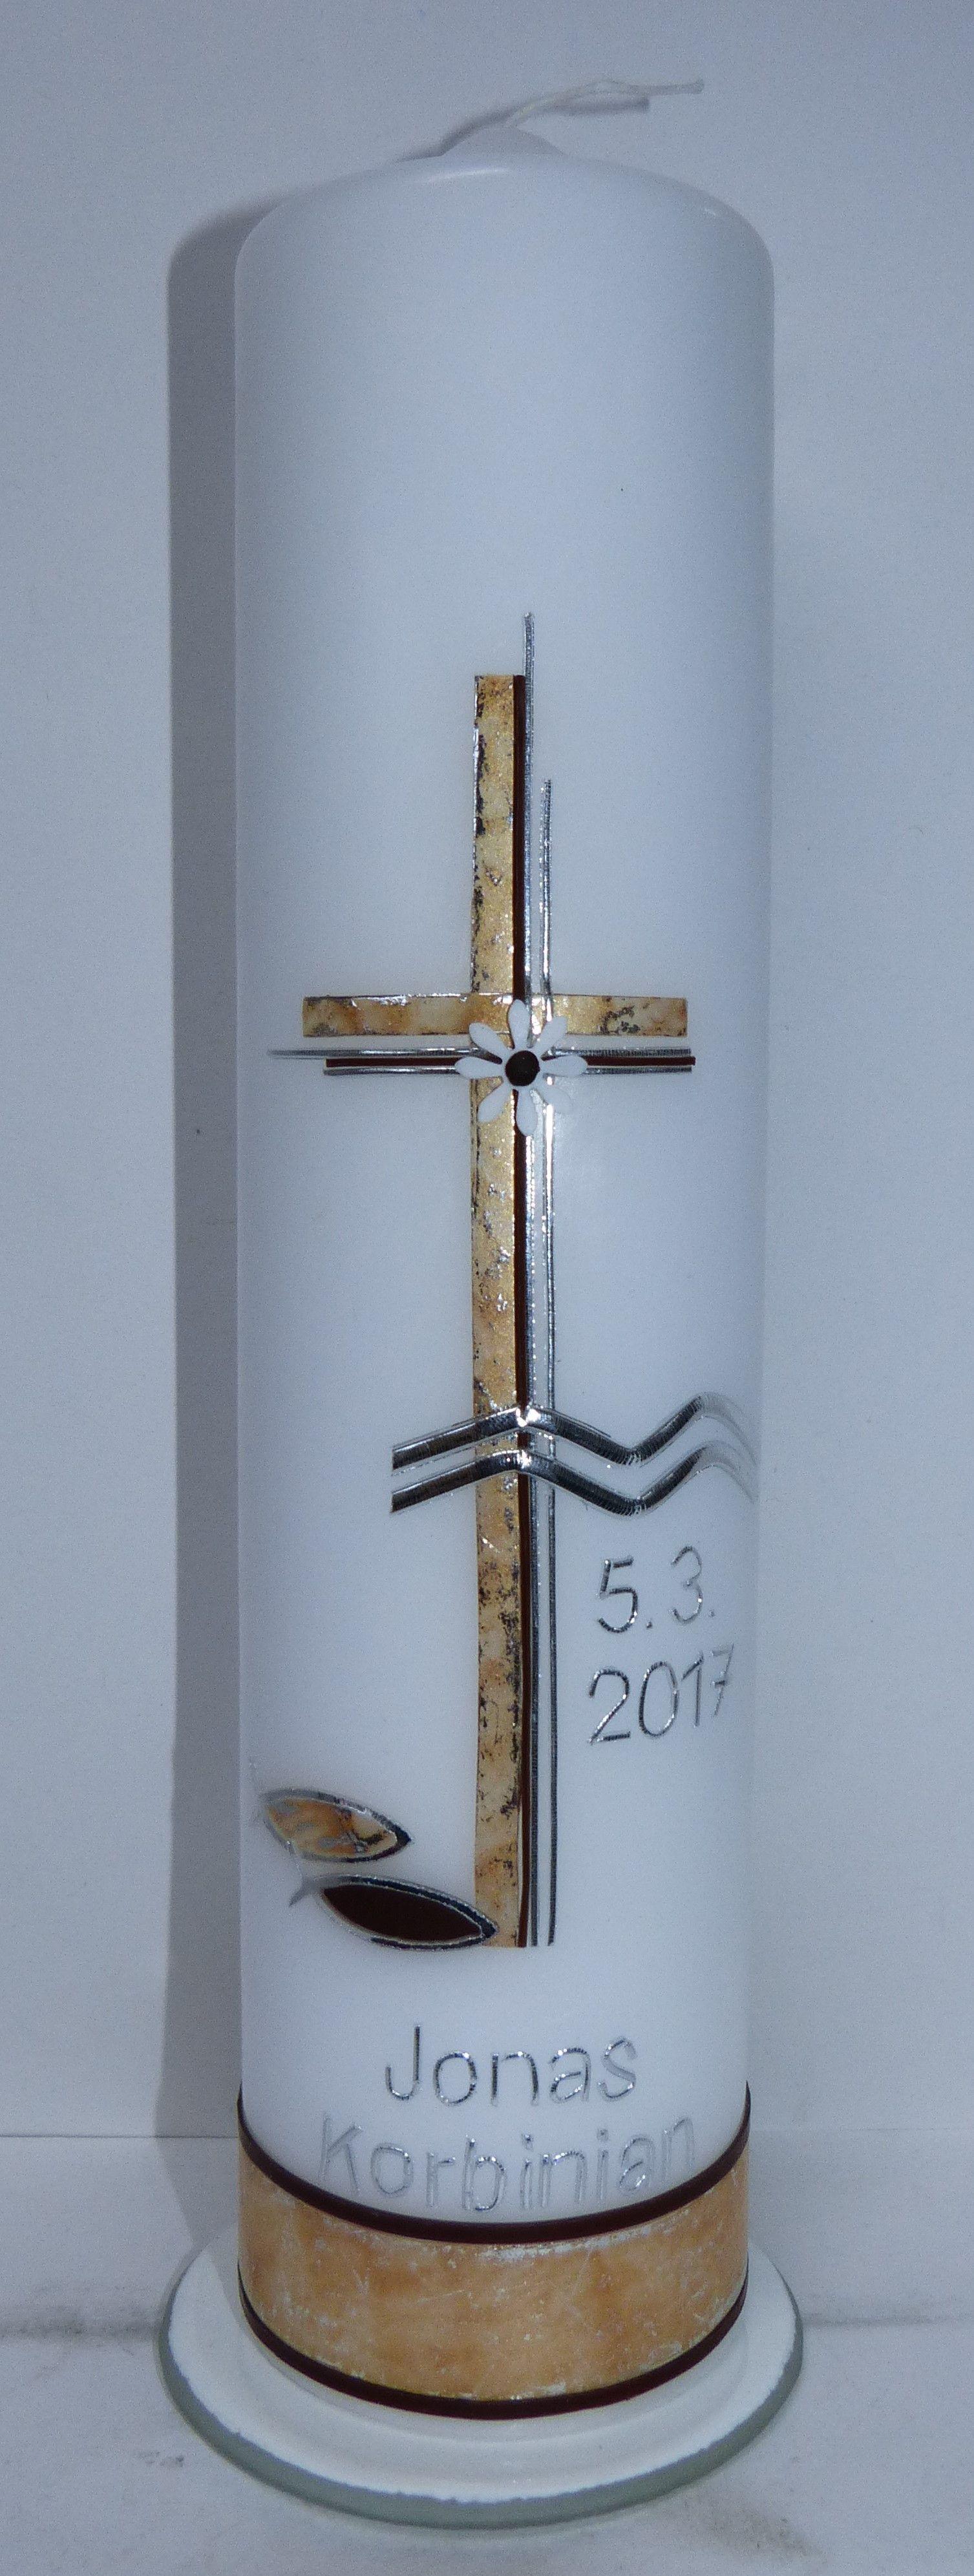 Taufkerzevon mac-kunst in silber mit braun und Wachsplatte aus eigener Herstellung